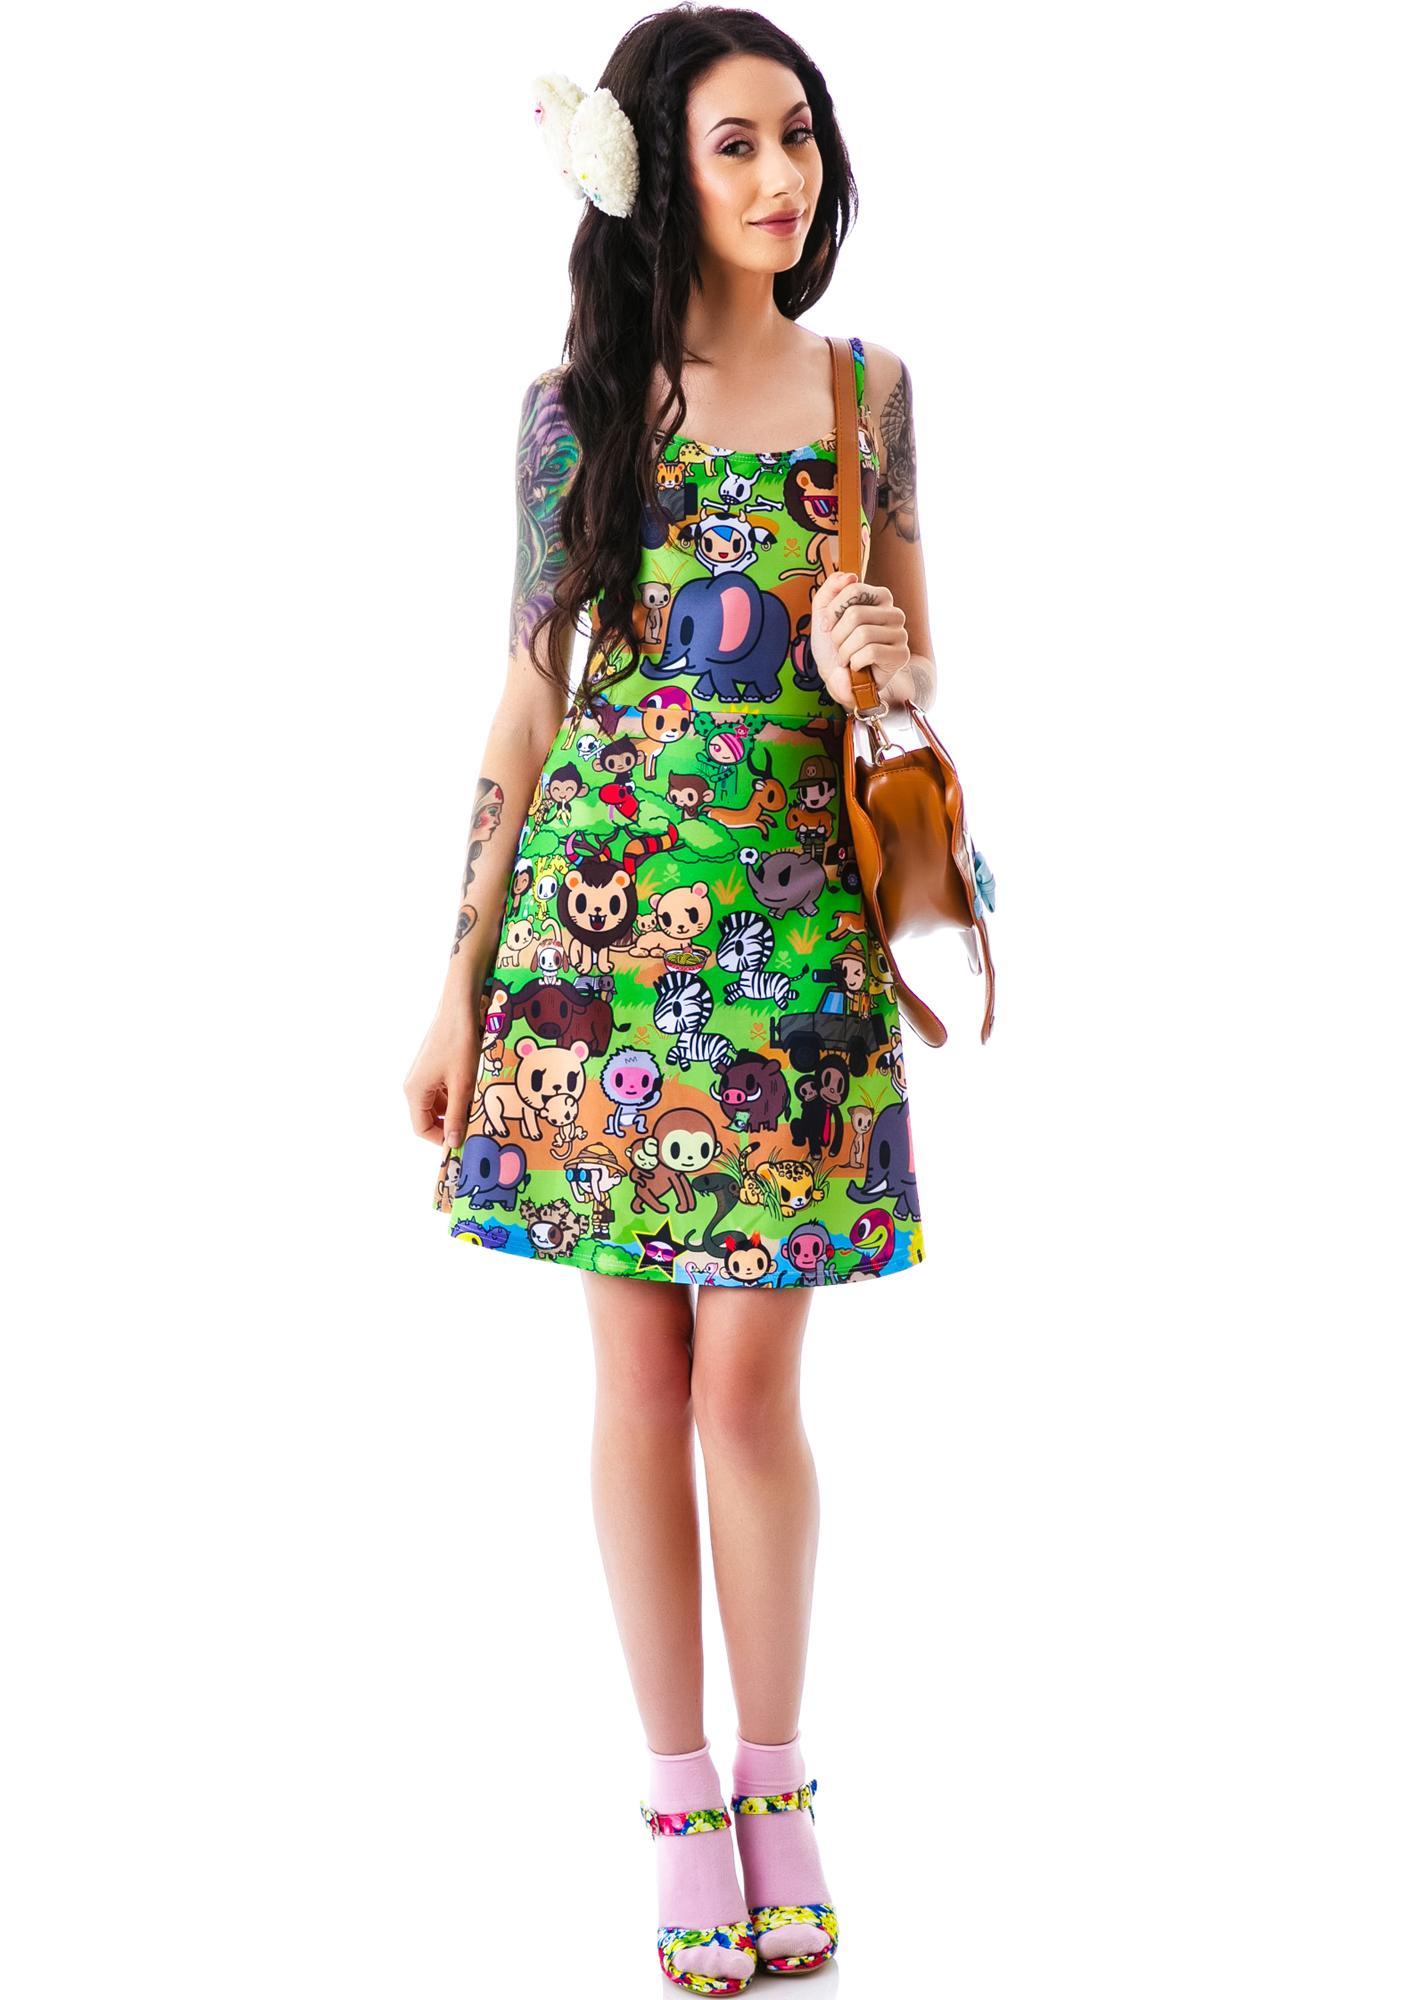 Japan L.A. Japan L.A. x tokidoki Savannah Strappy Dress